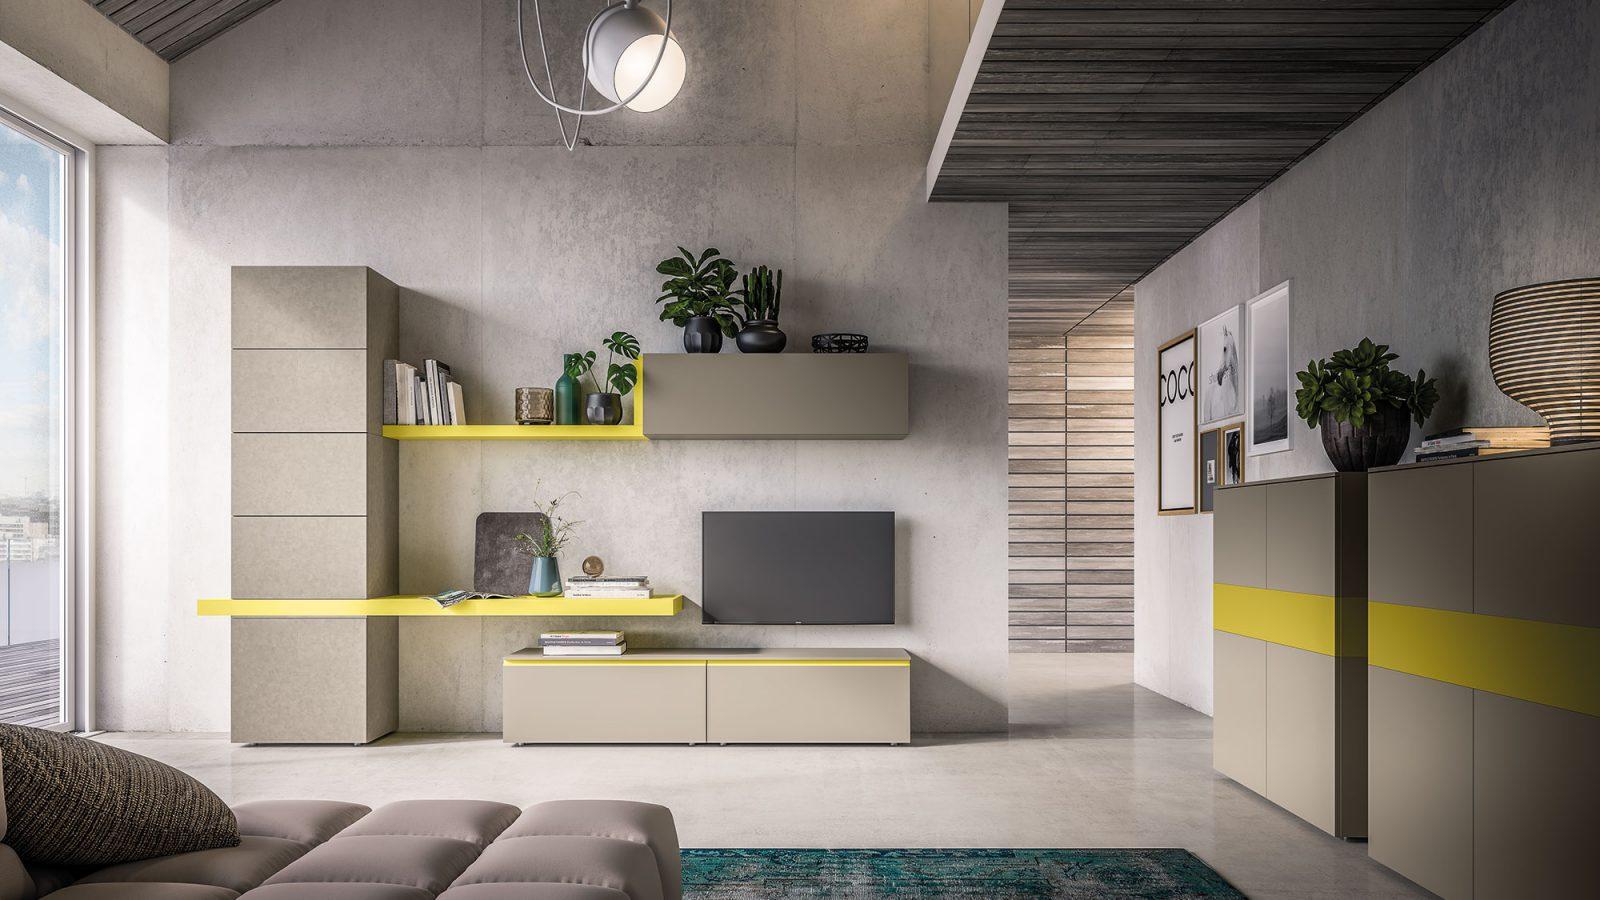 Arredamento zona giorno e zona notte di design orme for Soggiorno living